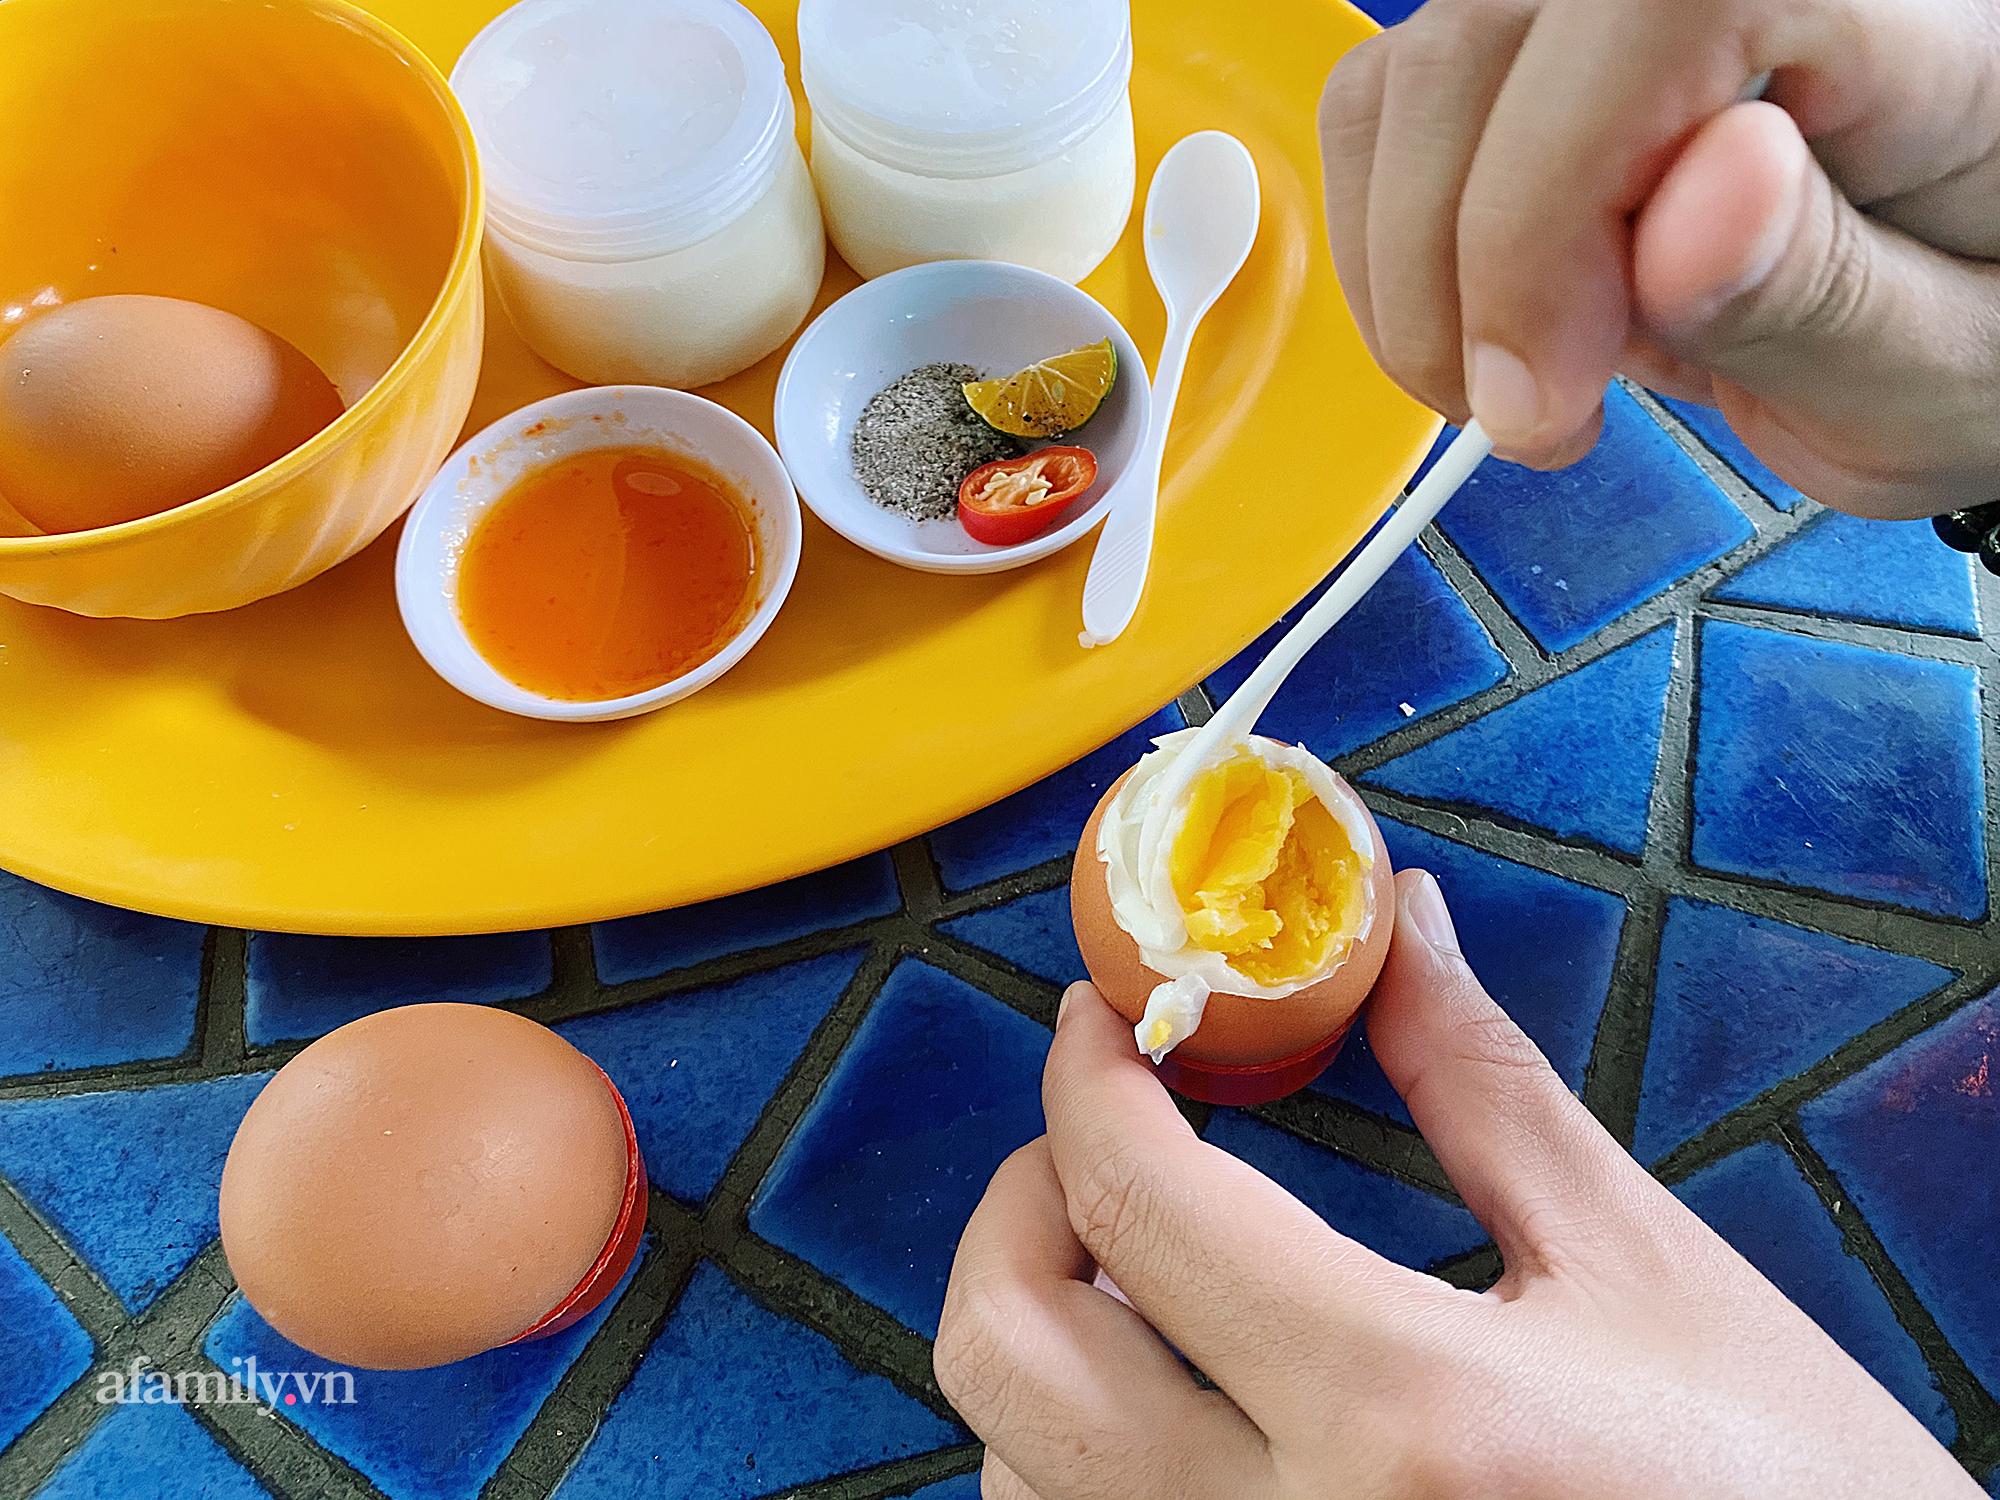 """Cô Tiên - """"giai thoại"""" chưa ai phá vỡ trong món trứng gà luộc tại Vũng Tàu, từ một quán nhỏ ven đường sau gần 10 năm đã đông đến mức phải mời khách tự phục vụ! - Ảnh 10."""